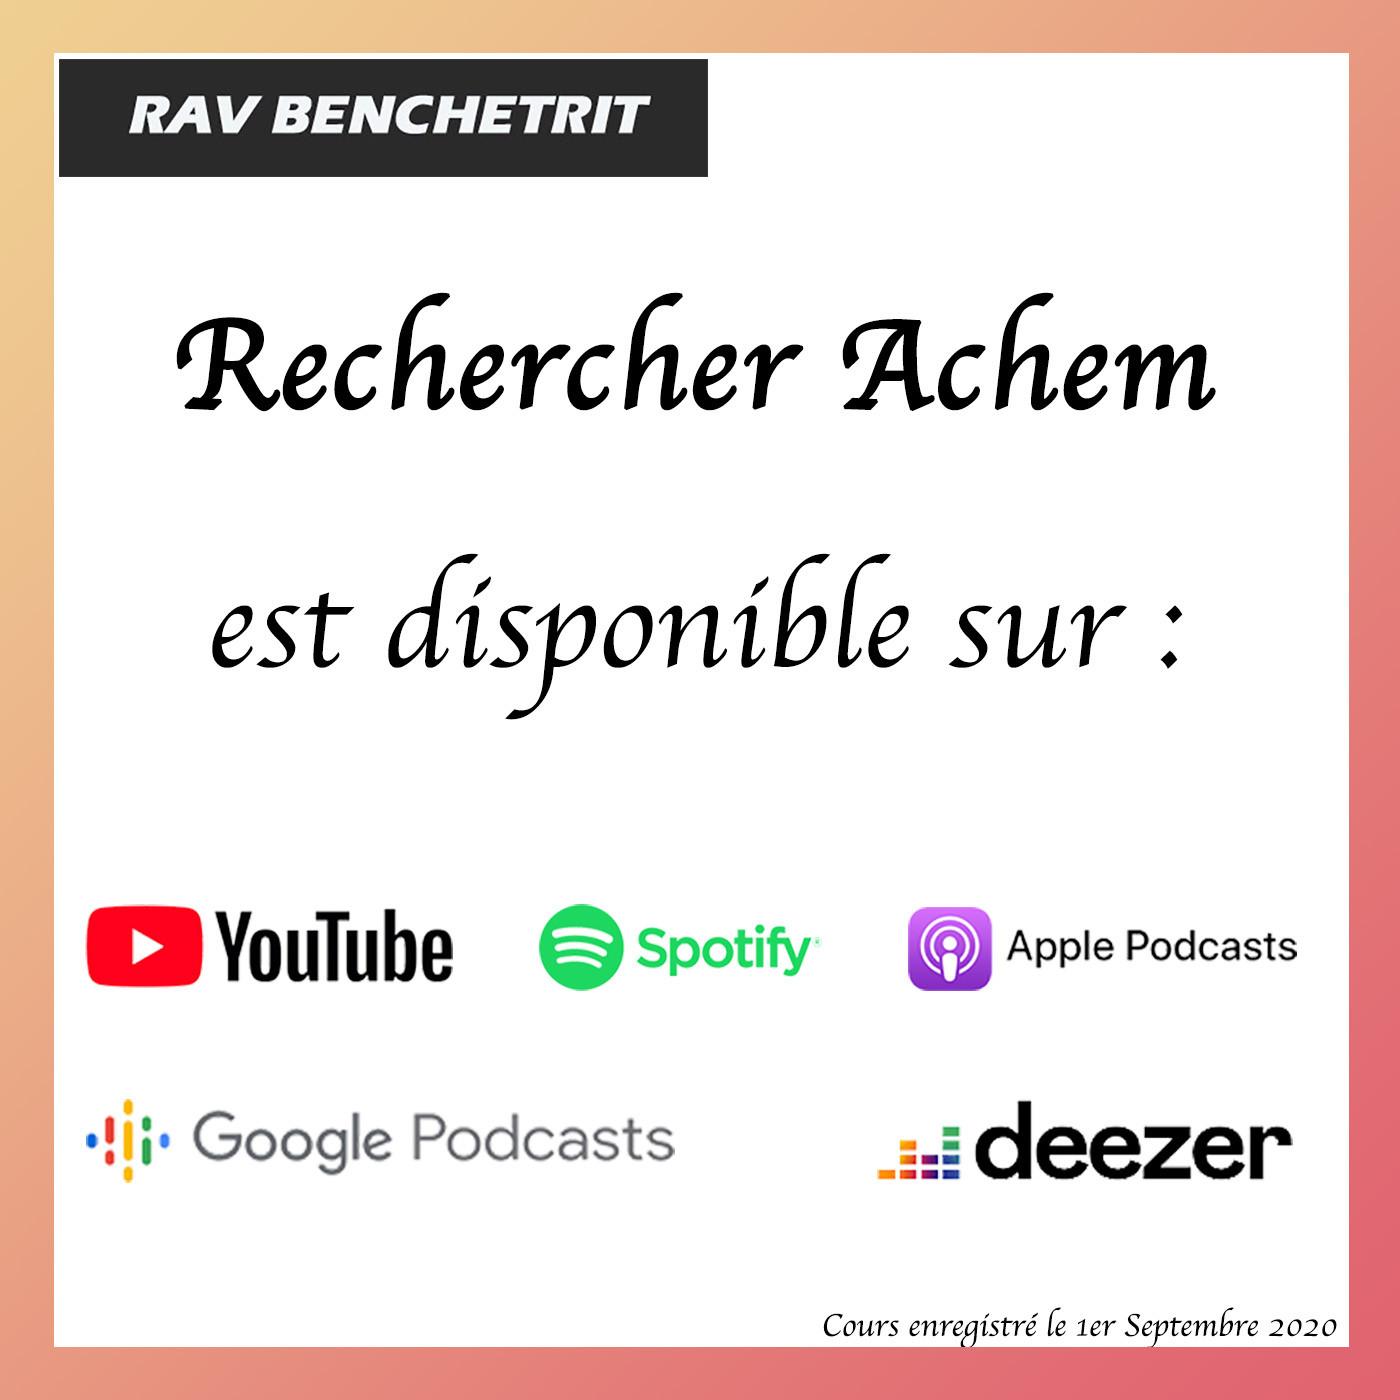 Rechercher Achem